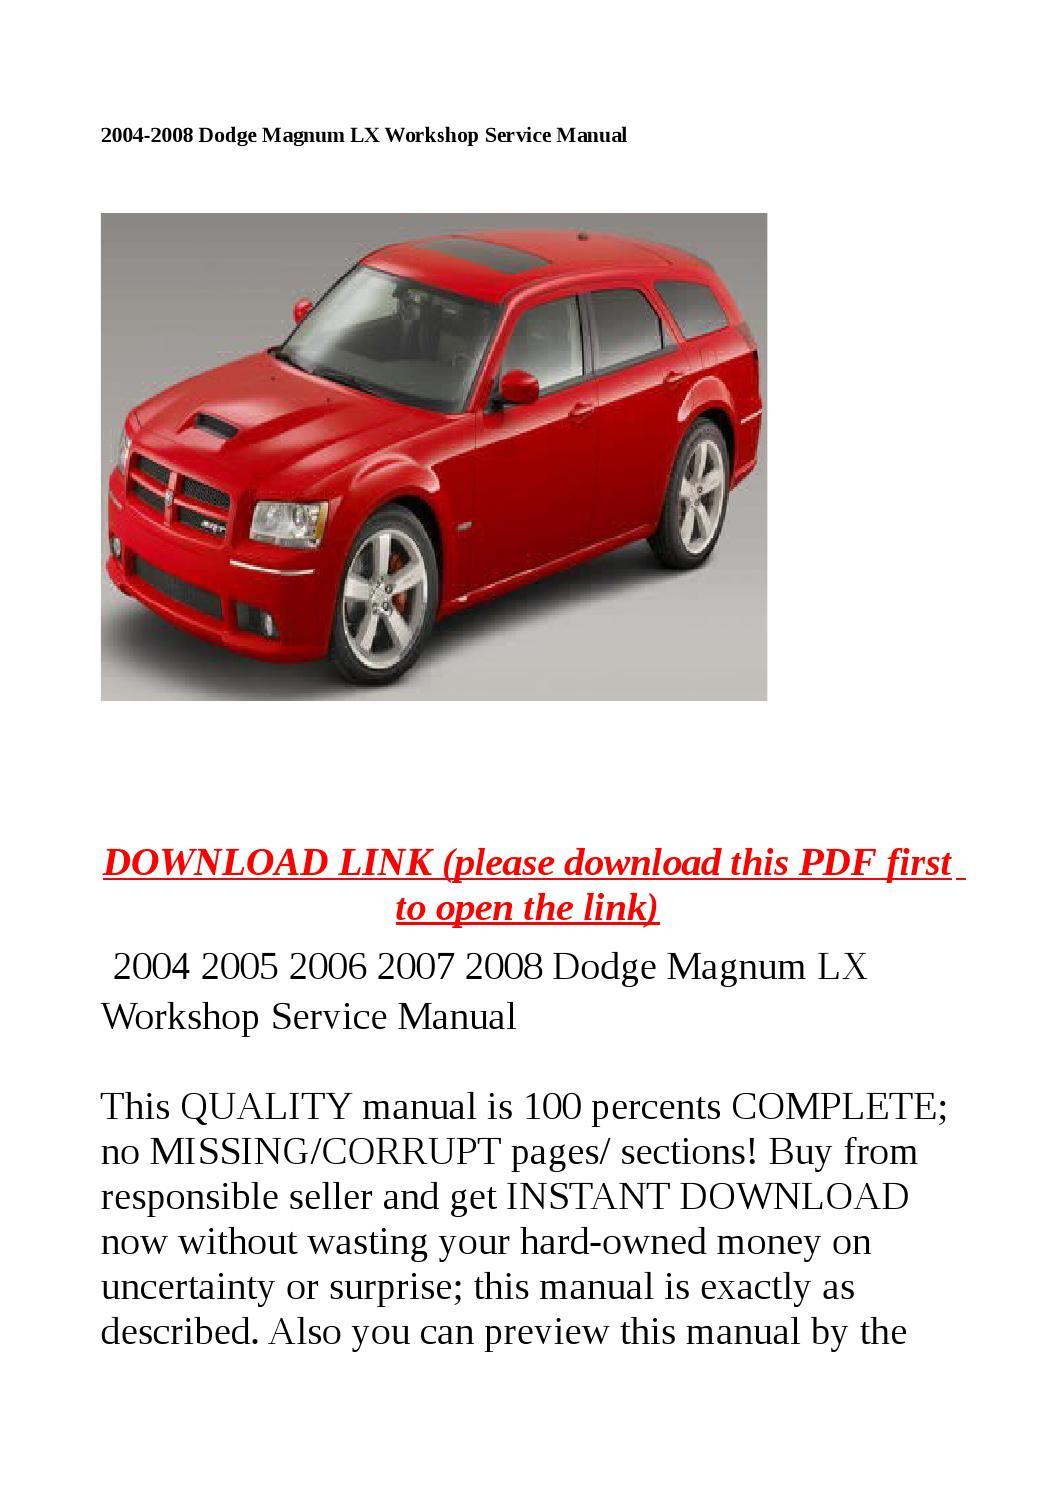 Dodge 2006 Magnum Buyer s Manual